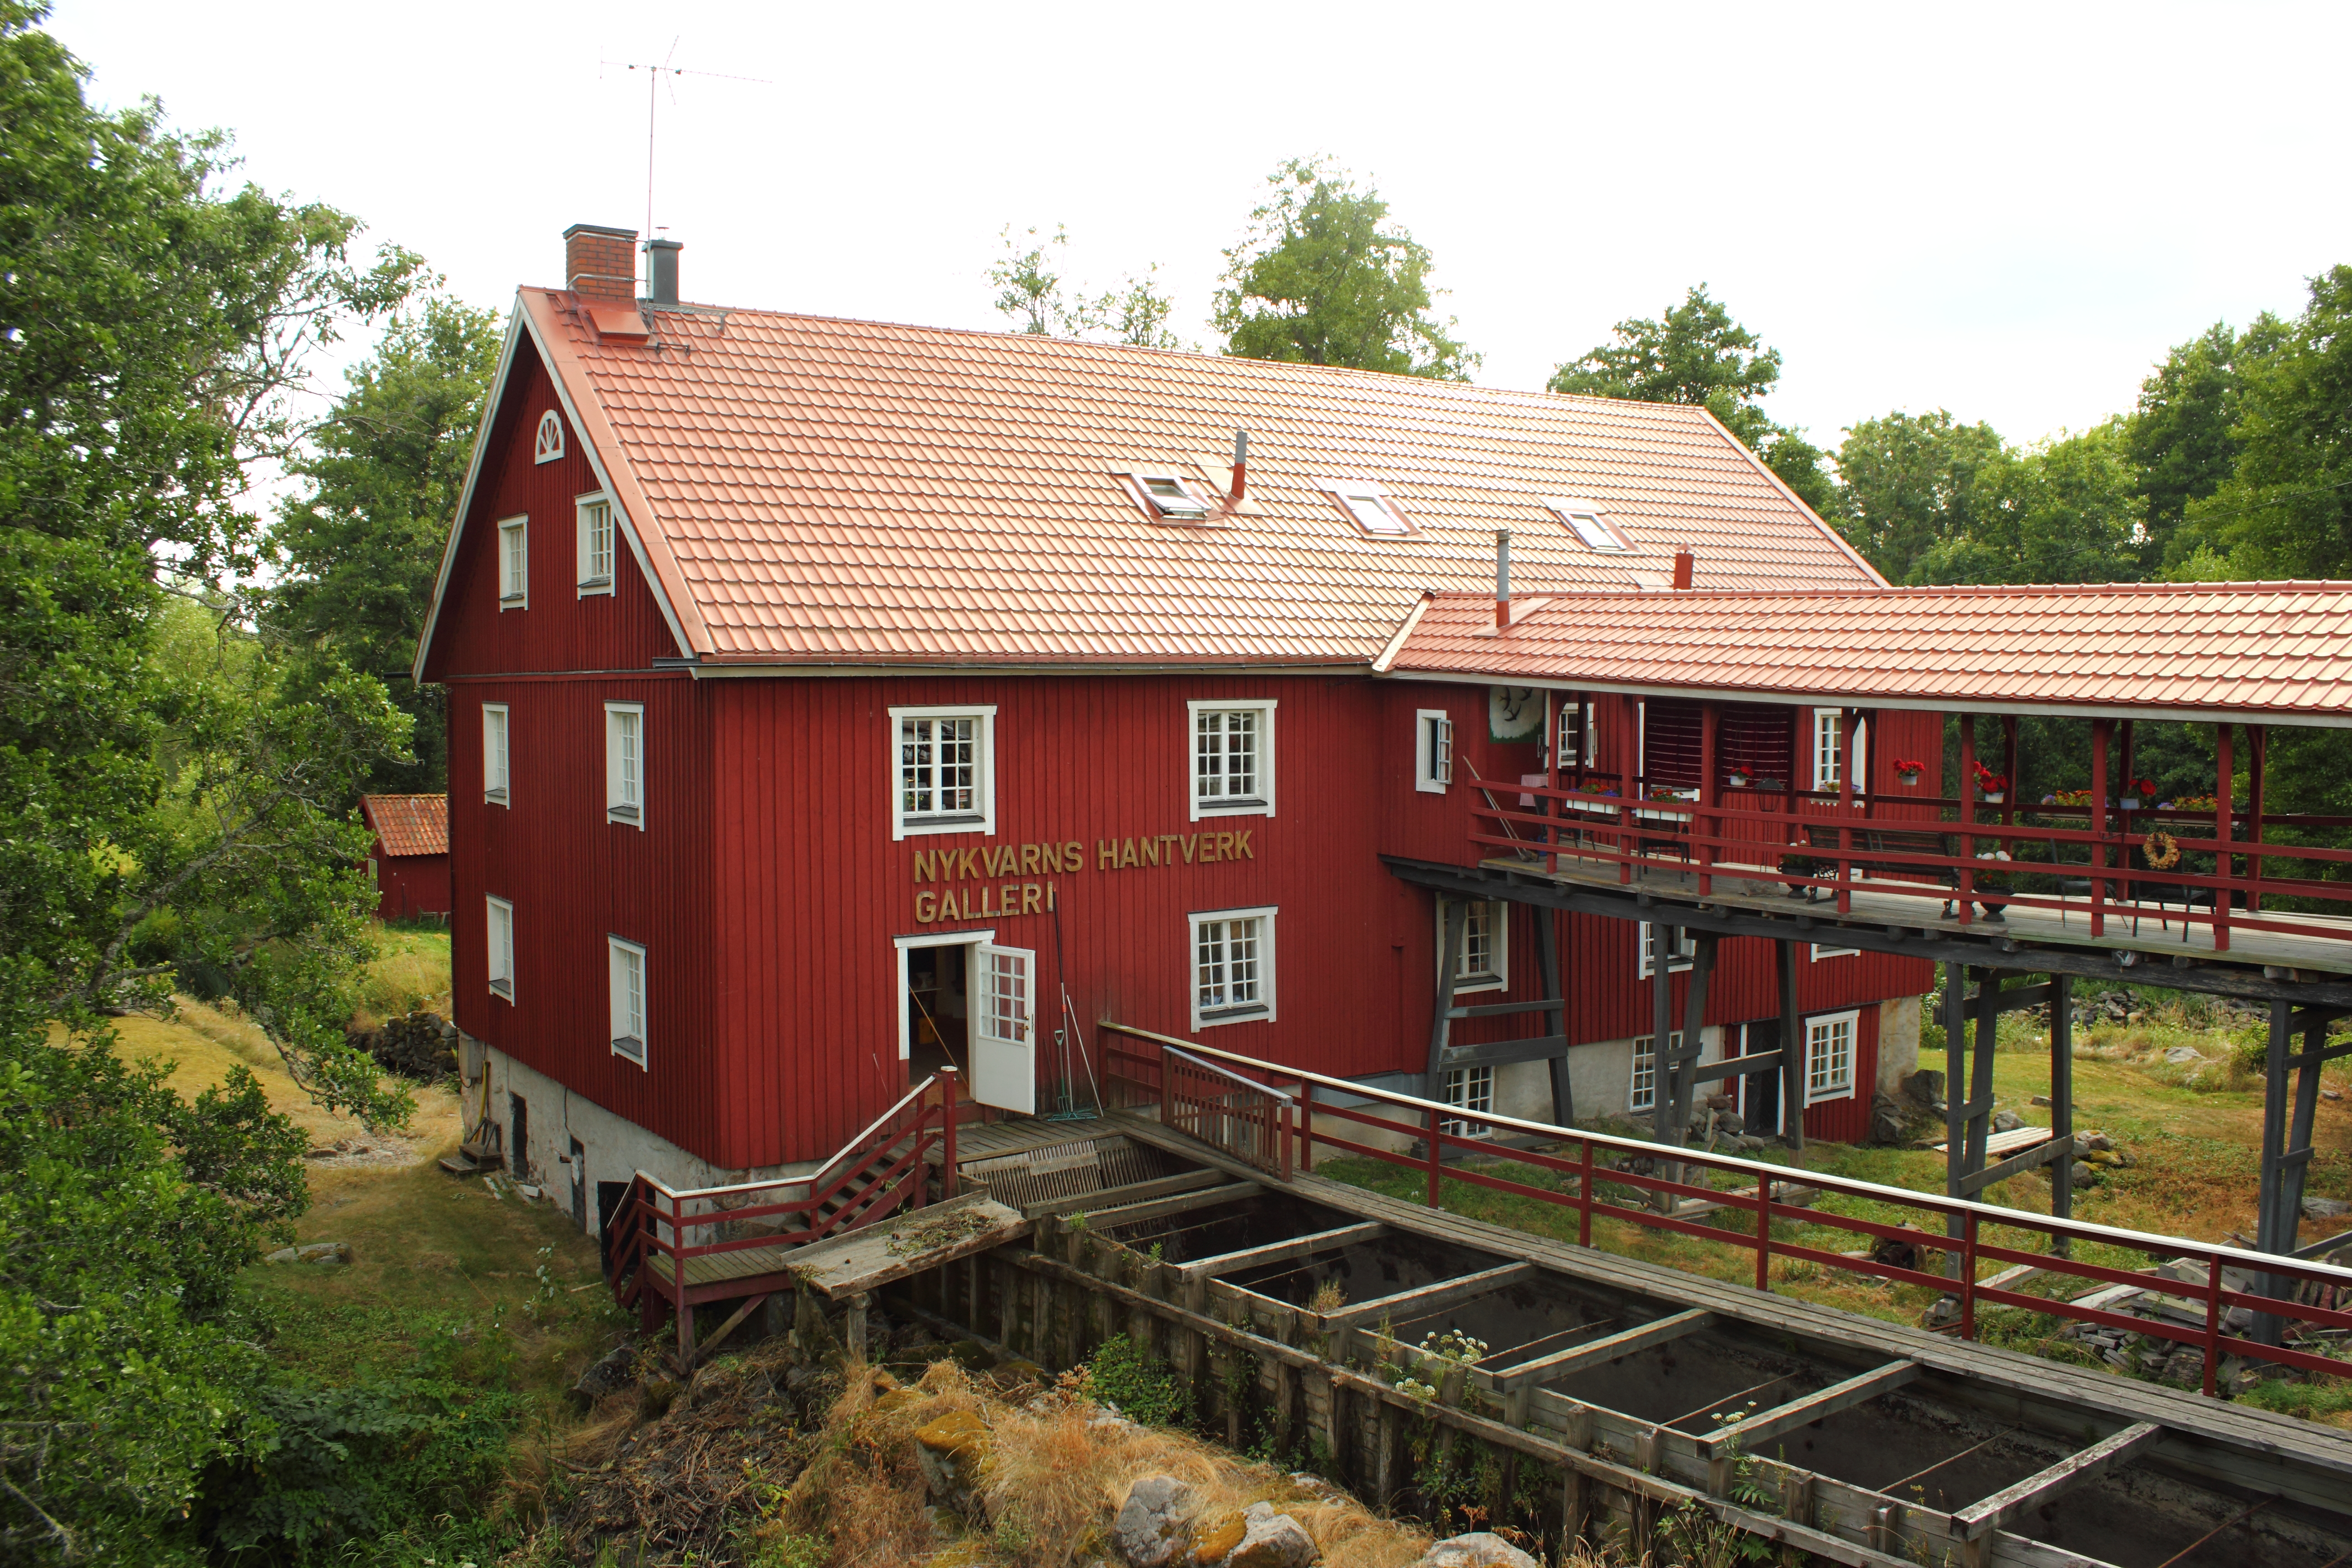 Nykvarn Municipality - Wikipedia